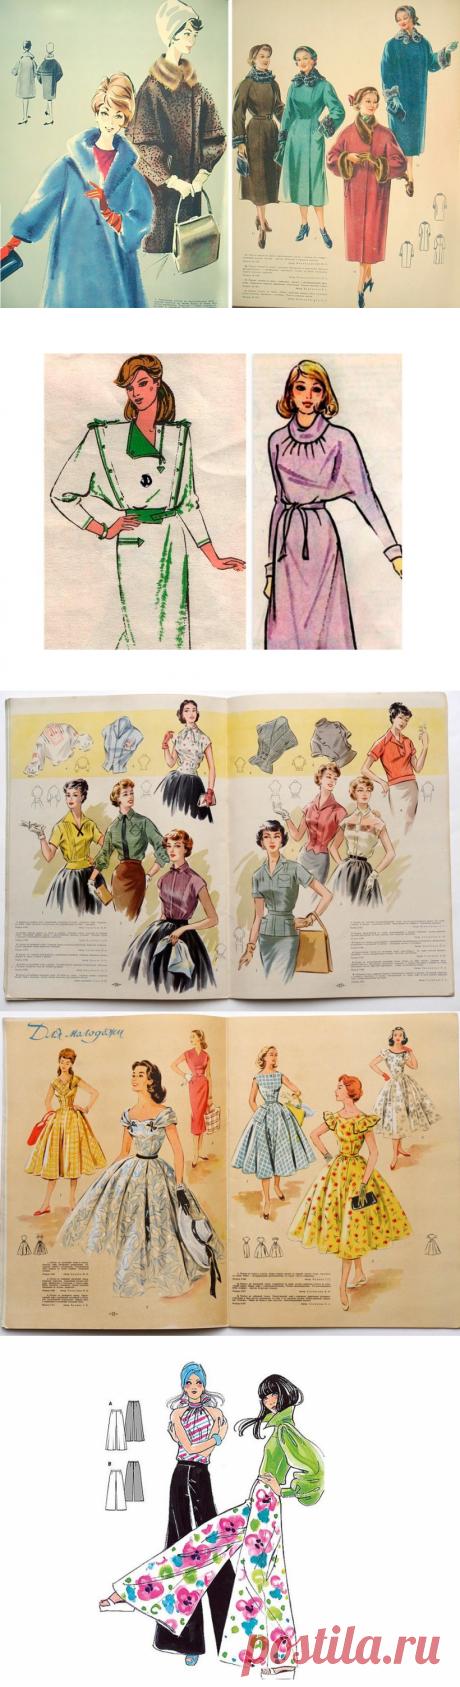 5 модных в СССР вещей, которые стоит взять в свой гардероб.